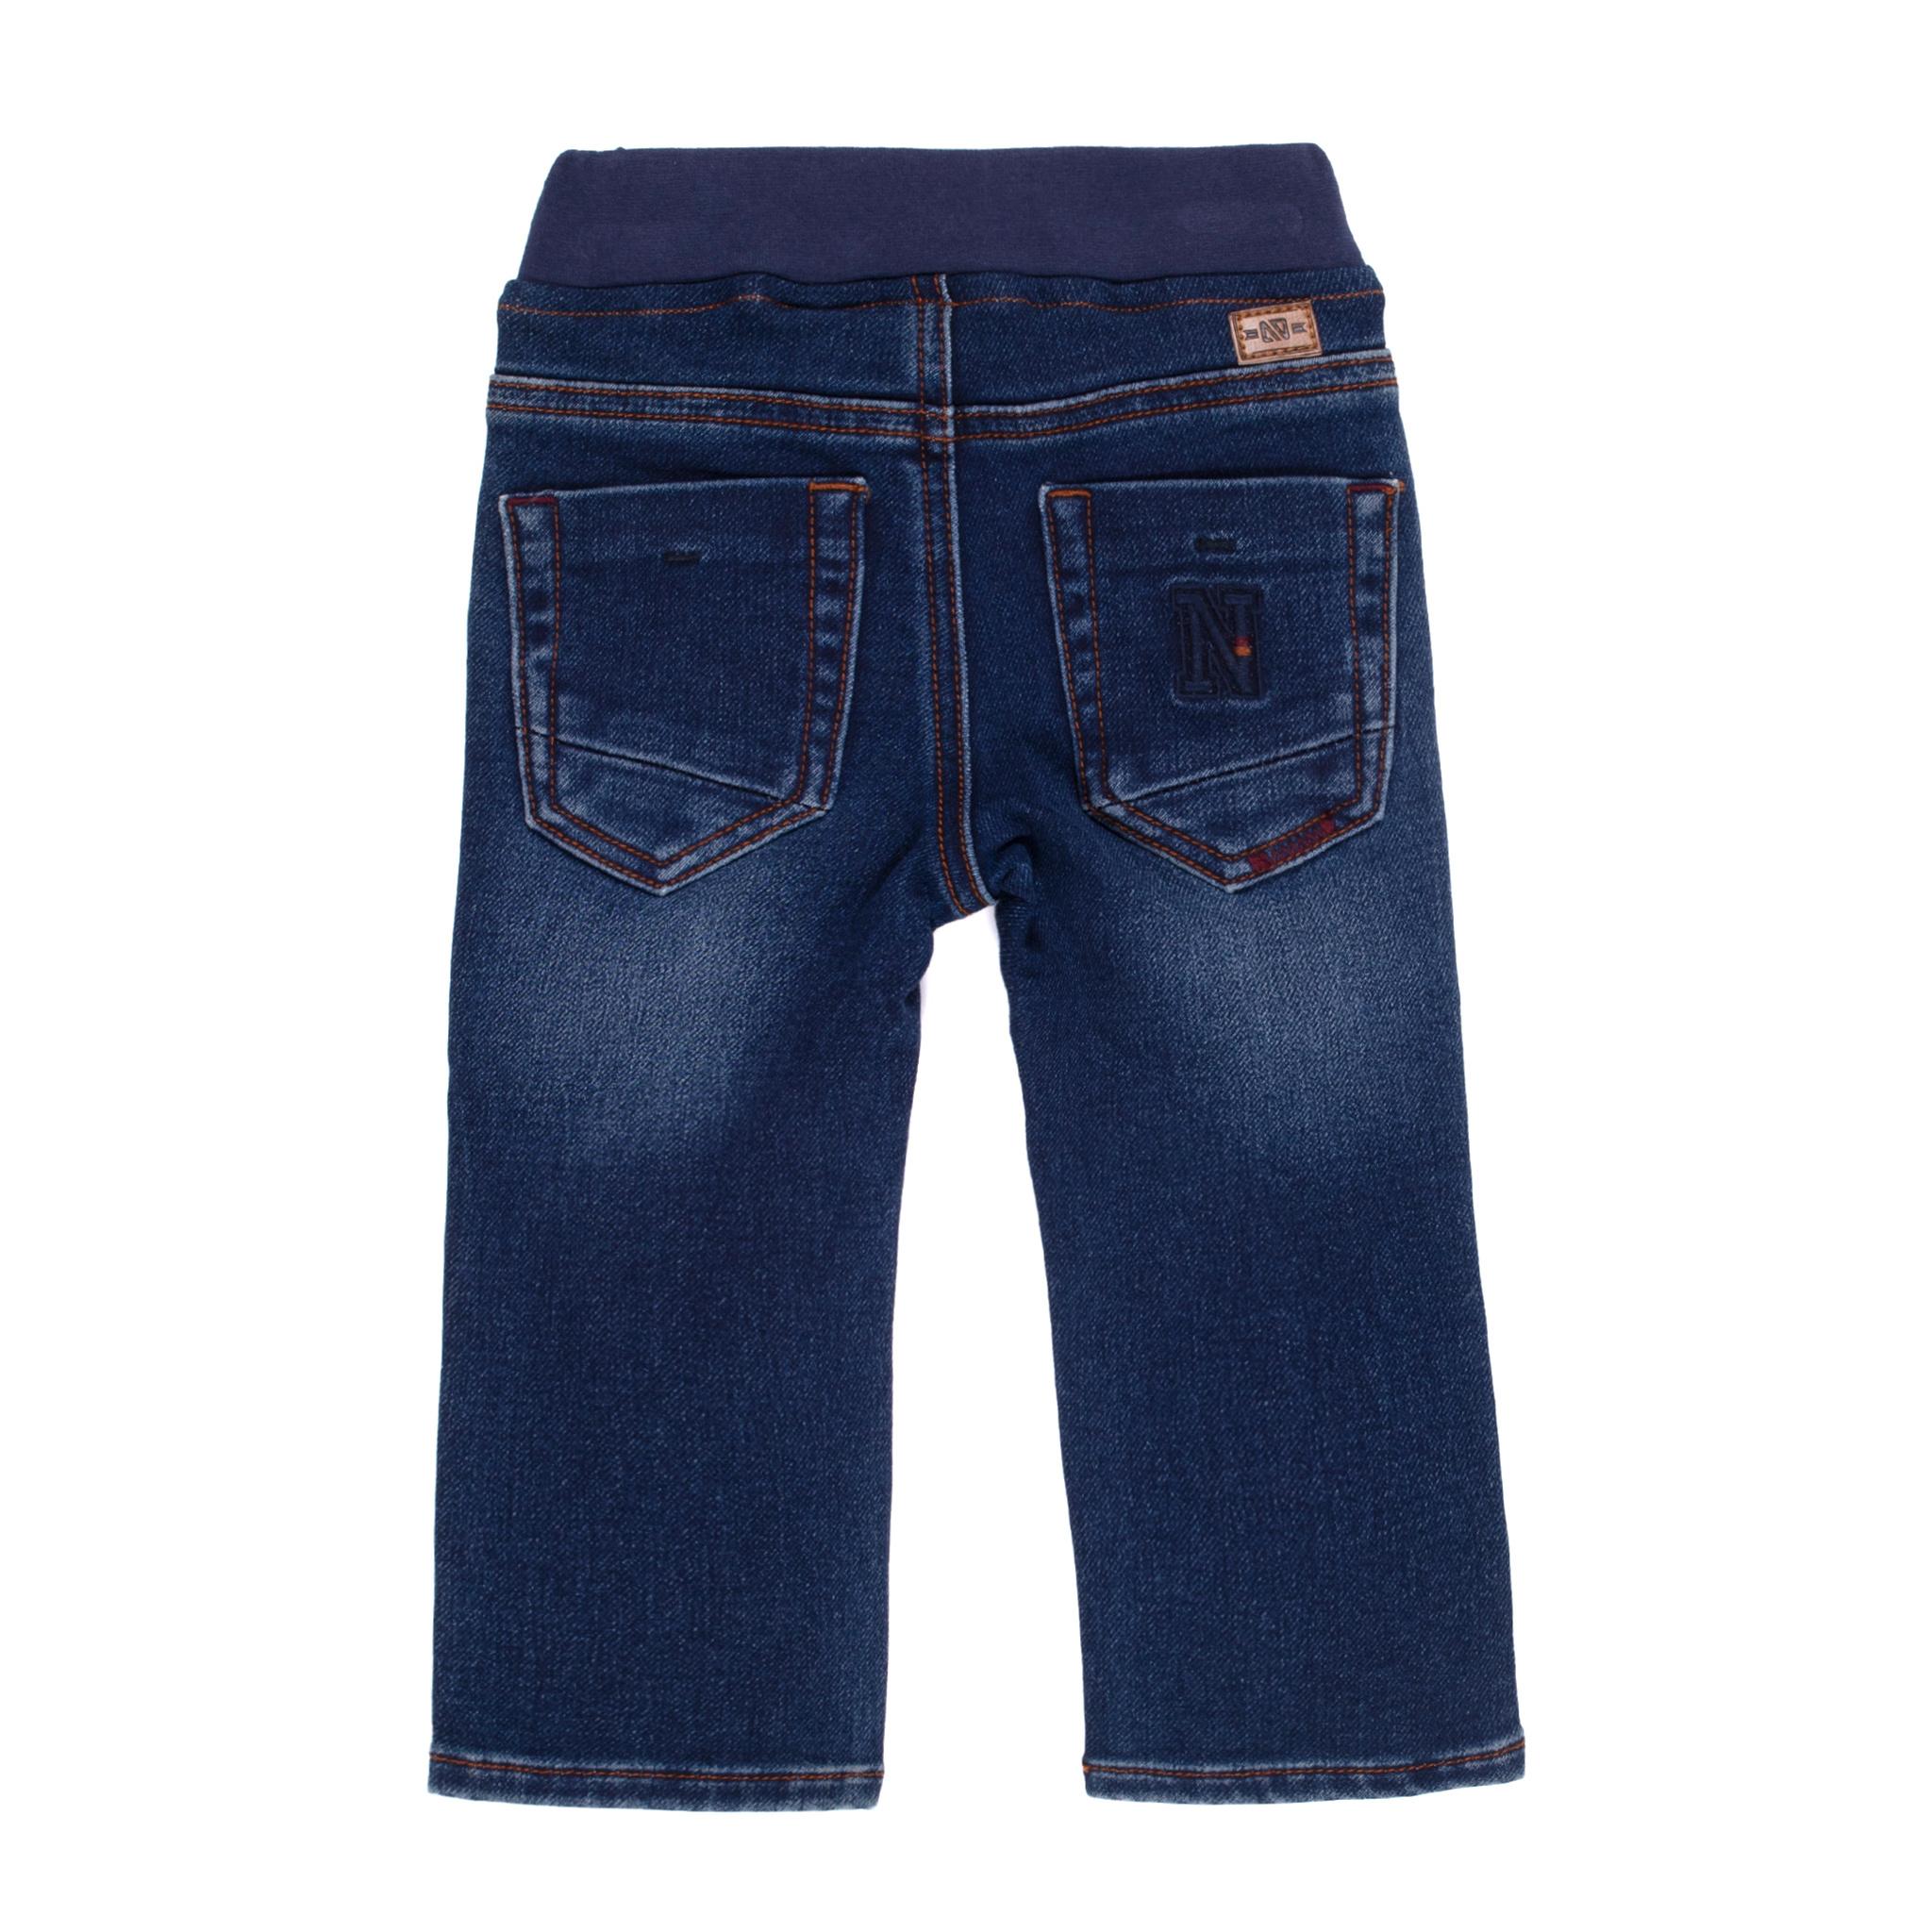 Jeans collection Autour du Feu-2